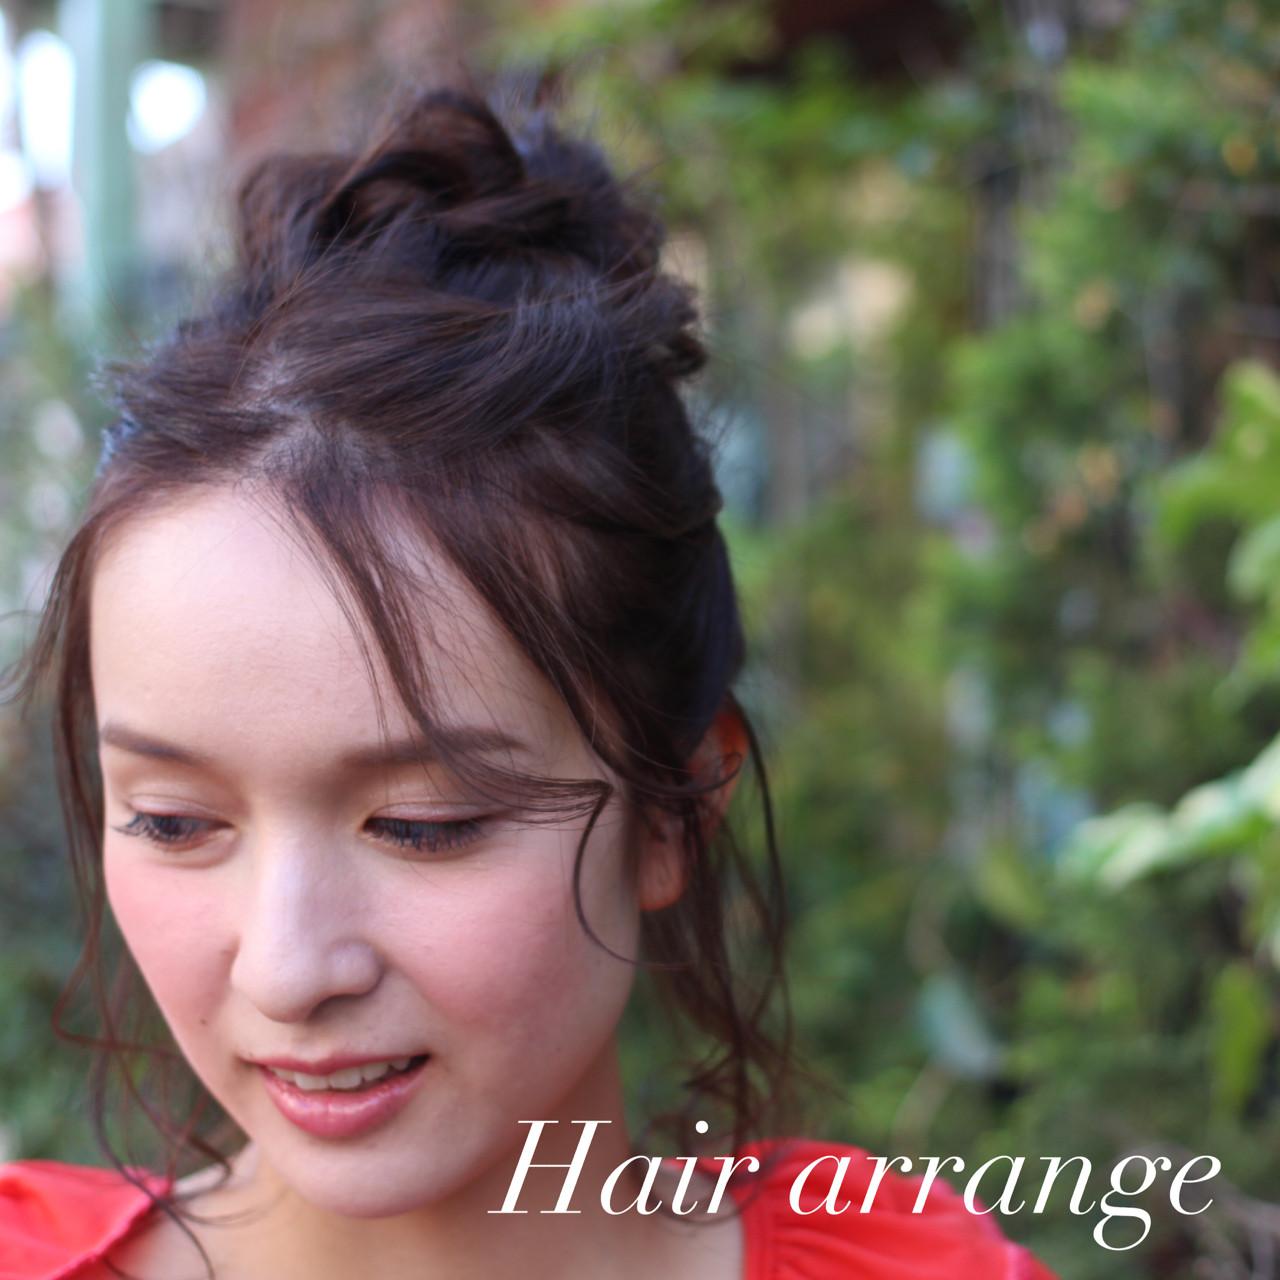 前髪あり ミルクティー ロング ハーフアップ ヘアスタイルや髪型の写真・画像 | エッセンシャル / 鹿児島 / Essential haircare & beauty